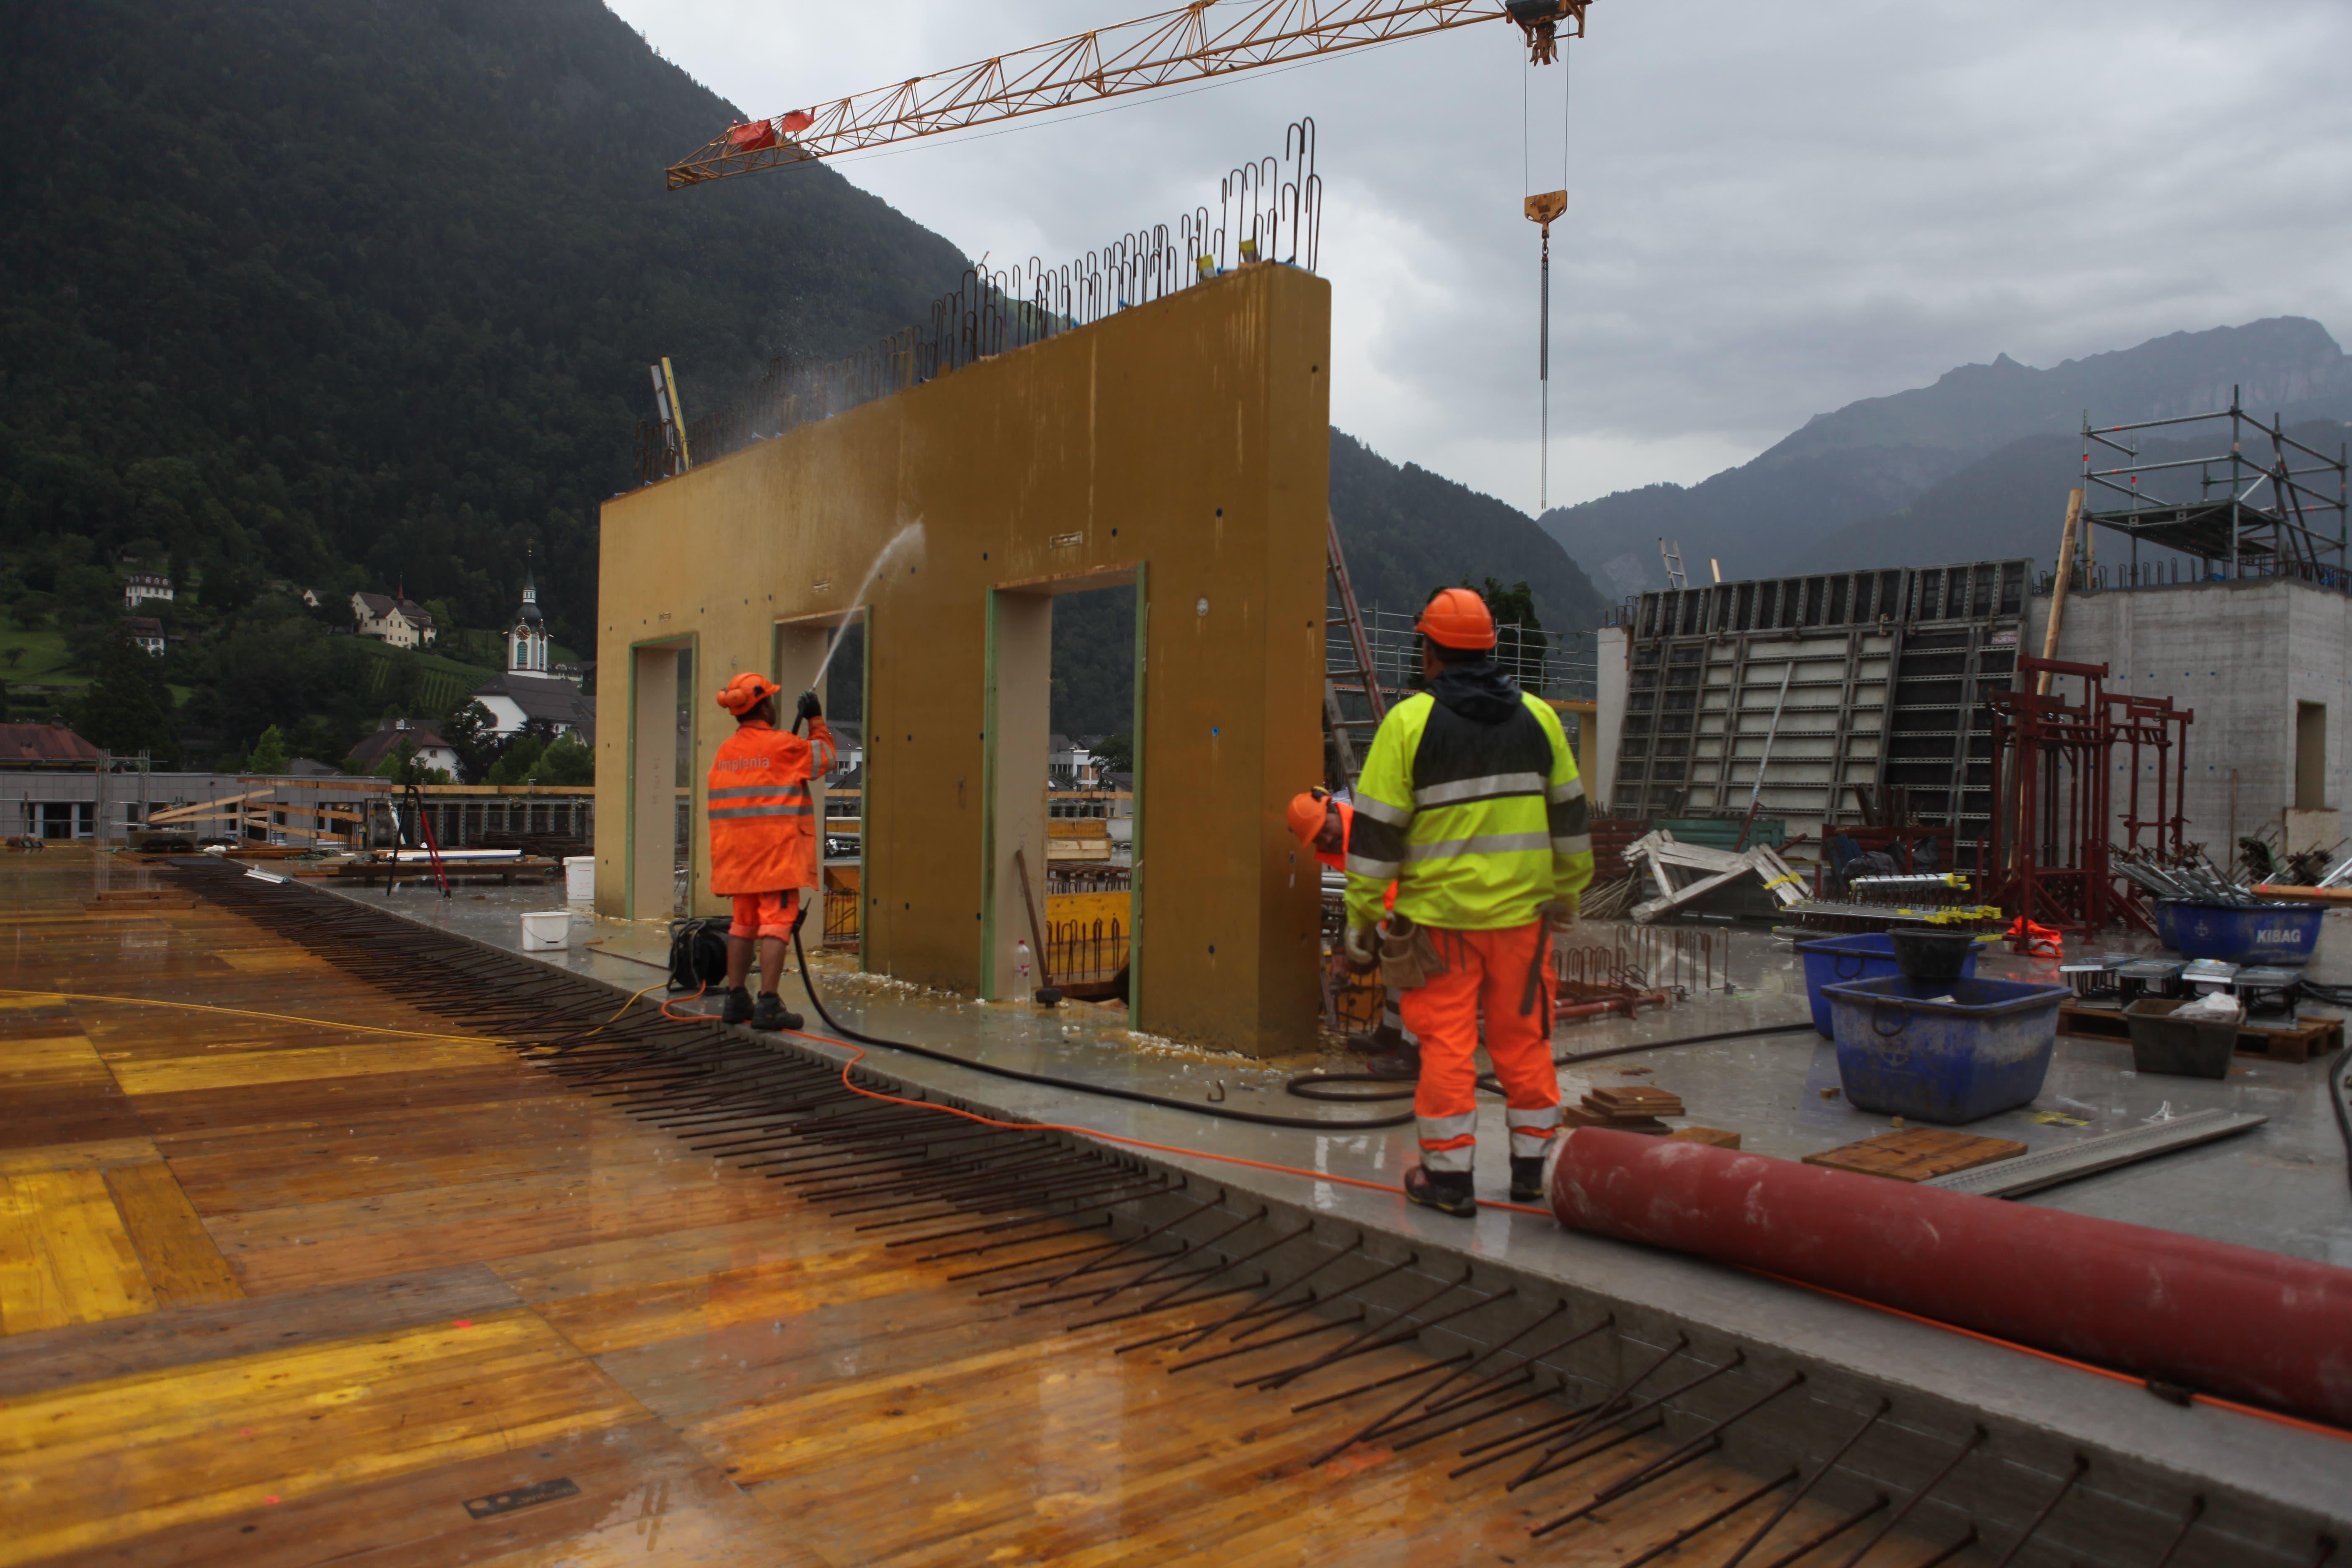 Bereits sind die Türrahmen aus gefärbtem Beton zu sehen.